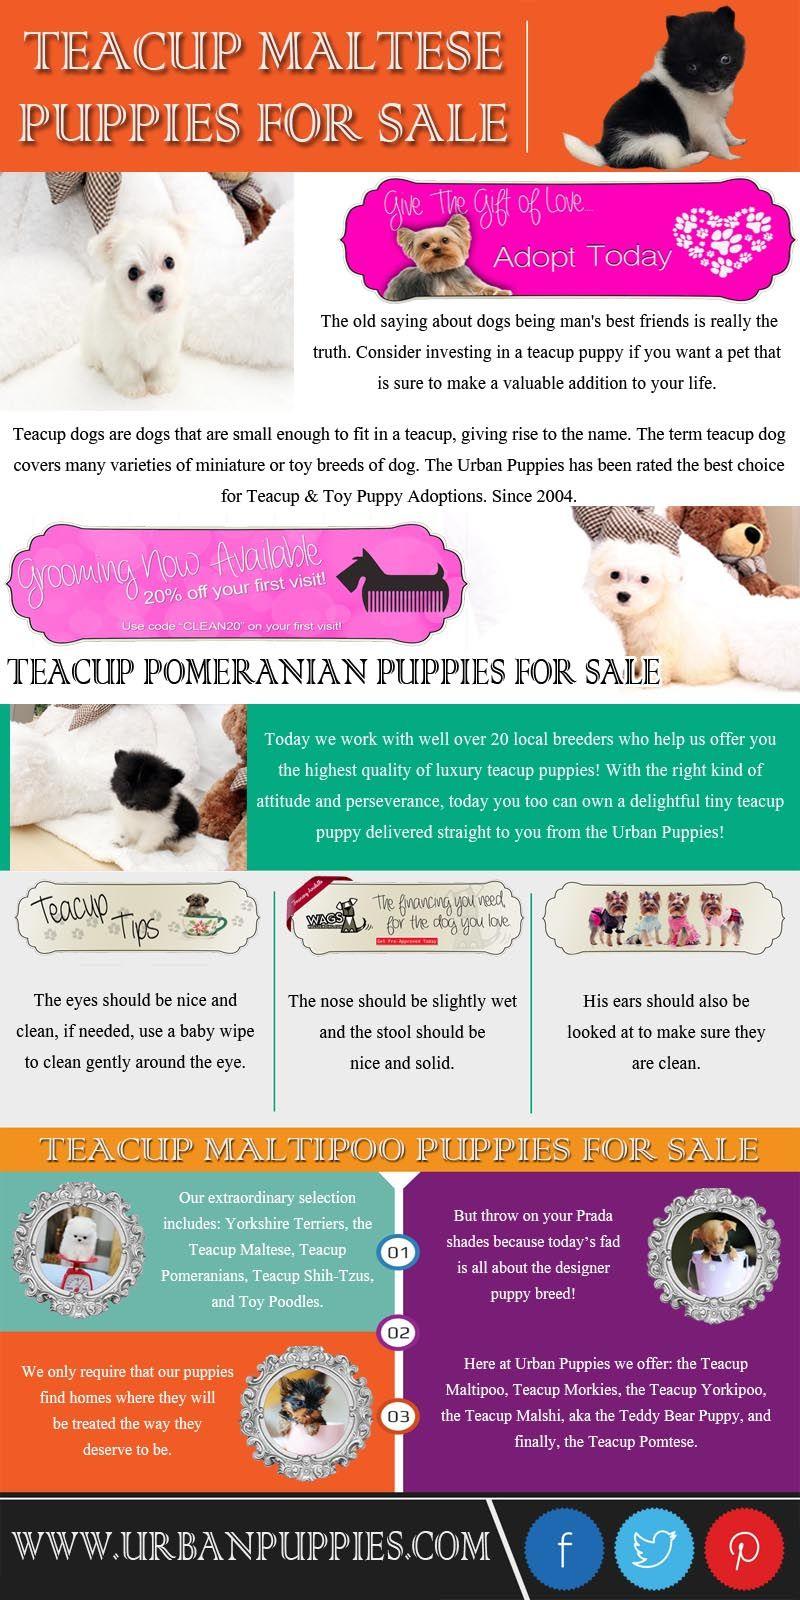 Puppies for Sale Morkies, Maltese, Yorktese, Malshi